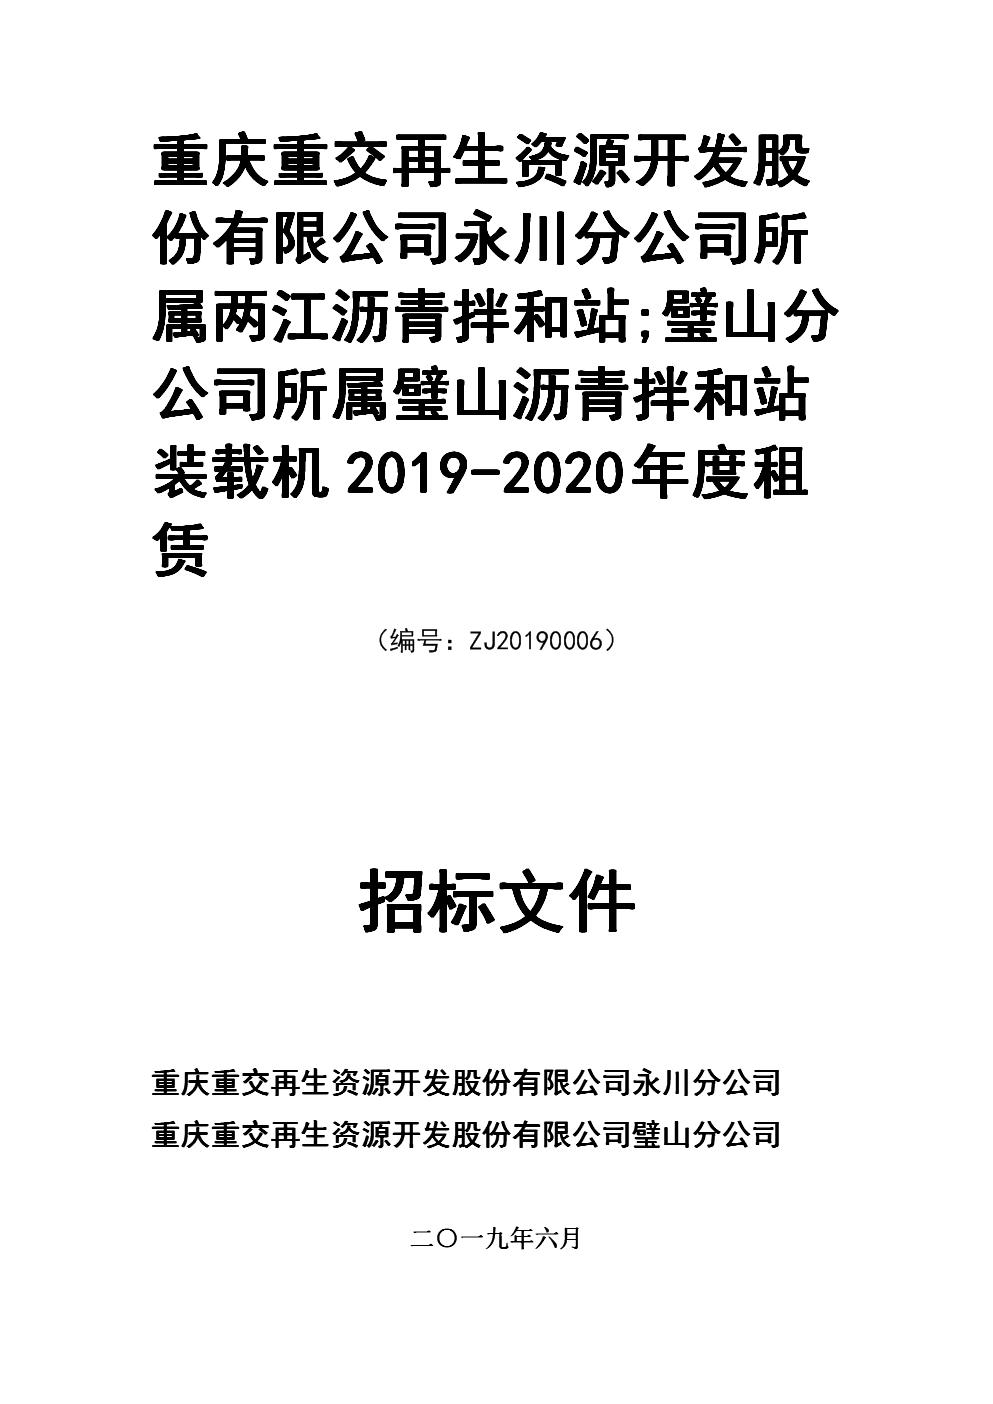 重庆重交再生资源开发股份有限公司永川分公-2020年租赁.DOC